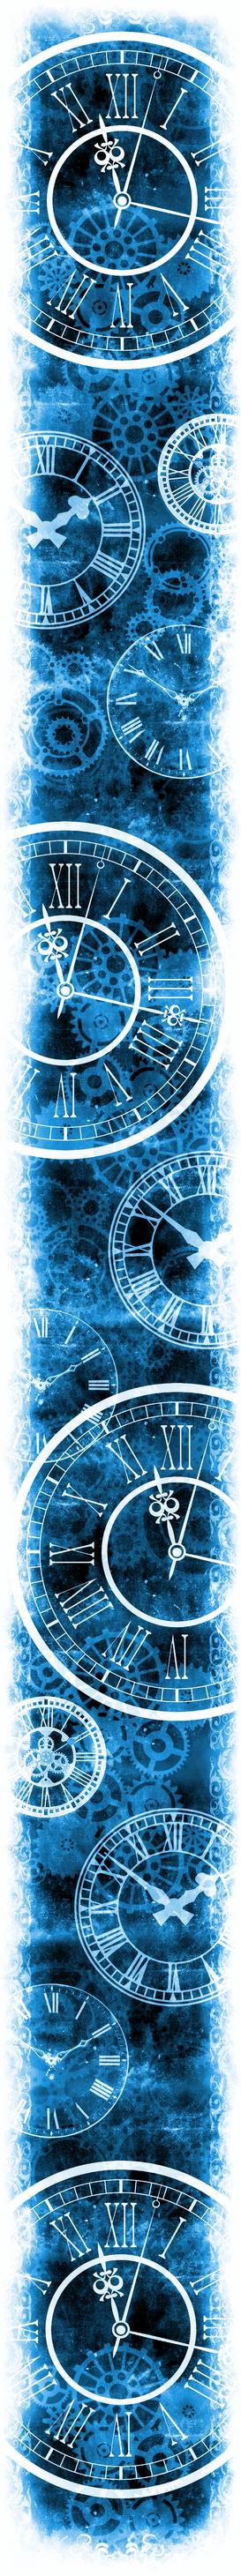 Only Time Will Tell [Custom Box BG] (Invert Blue)